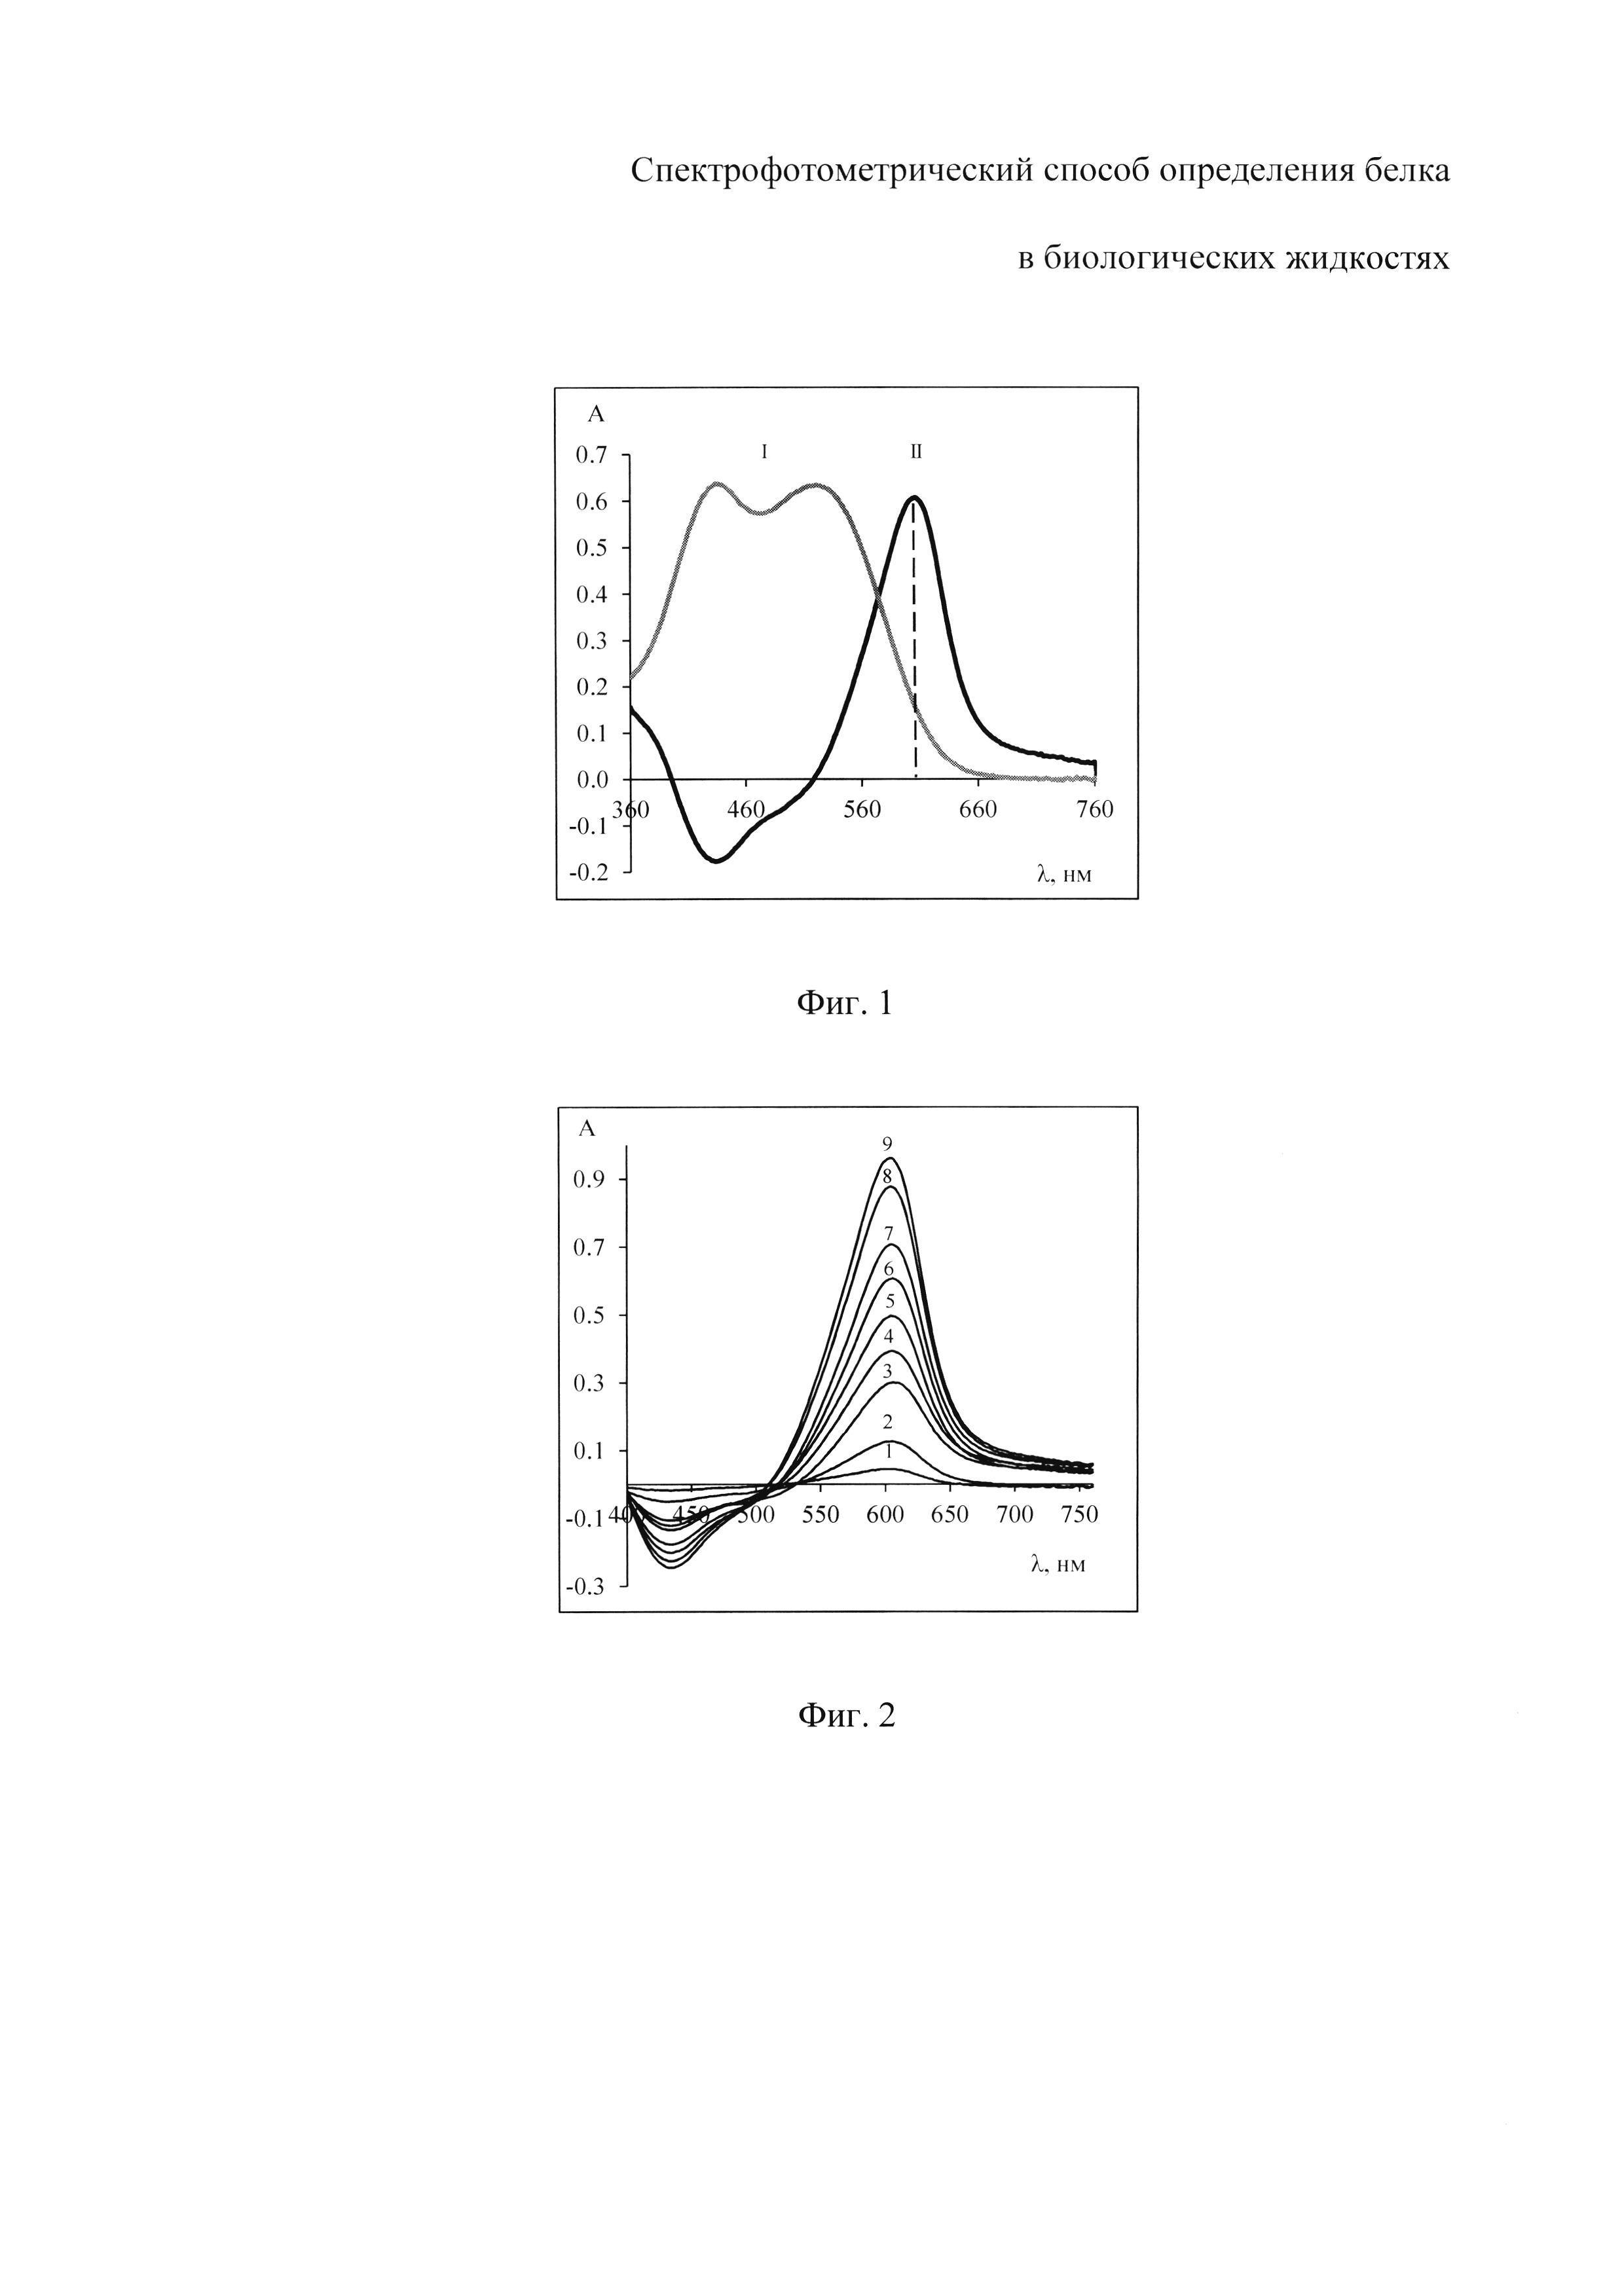 Спектрофотометрический метод определения белка